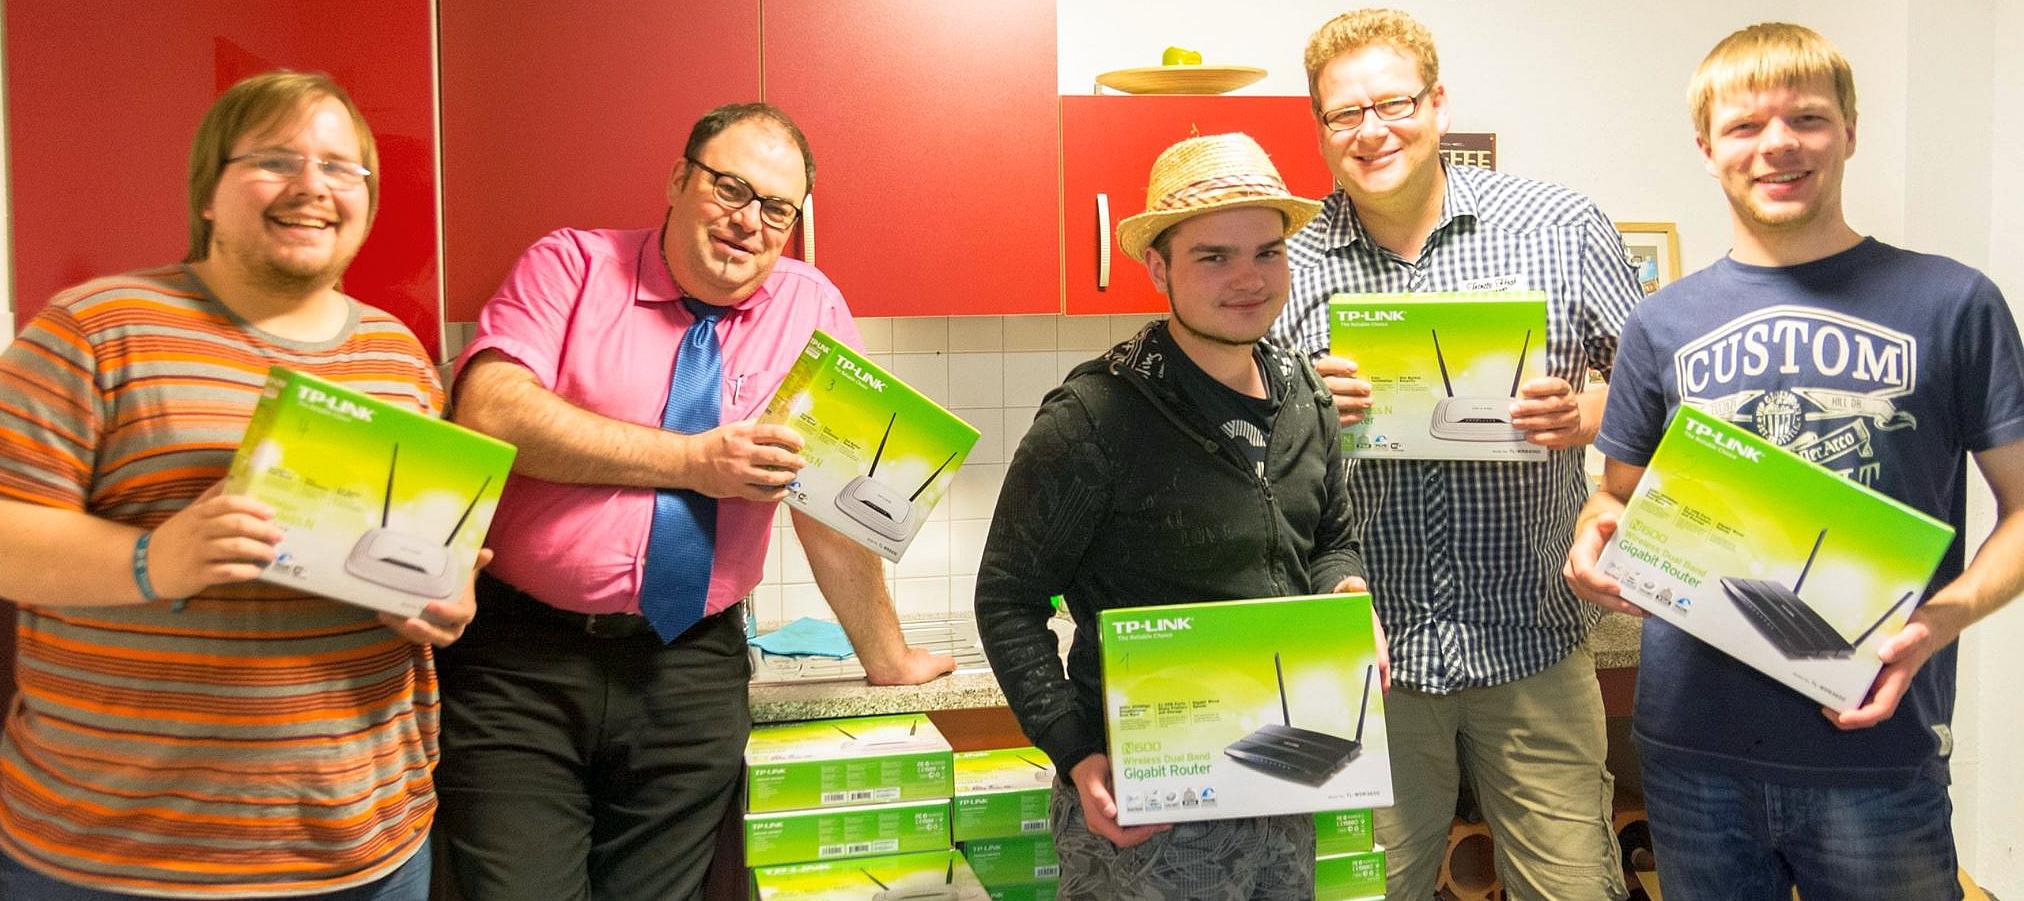 Die Arnsberger Freifunker sind stolz auf ihr Netz. (foto: piraten)